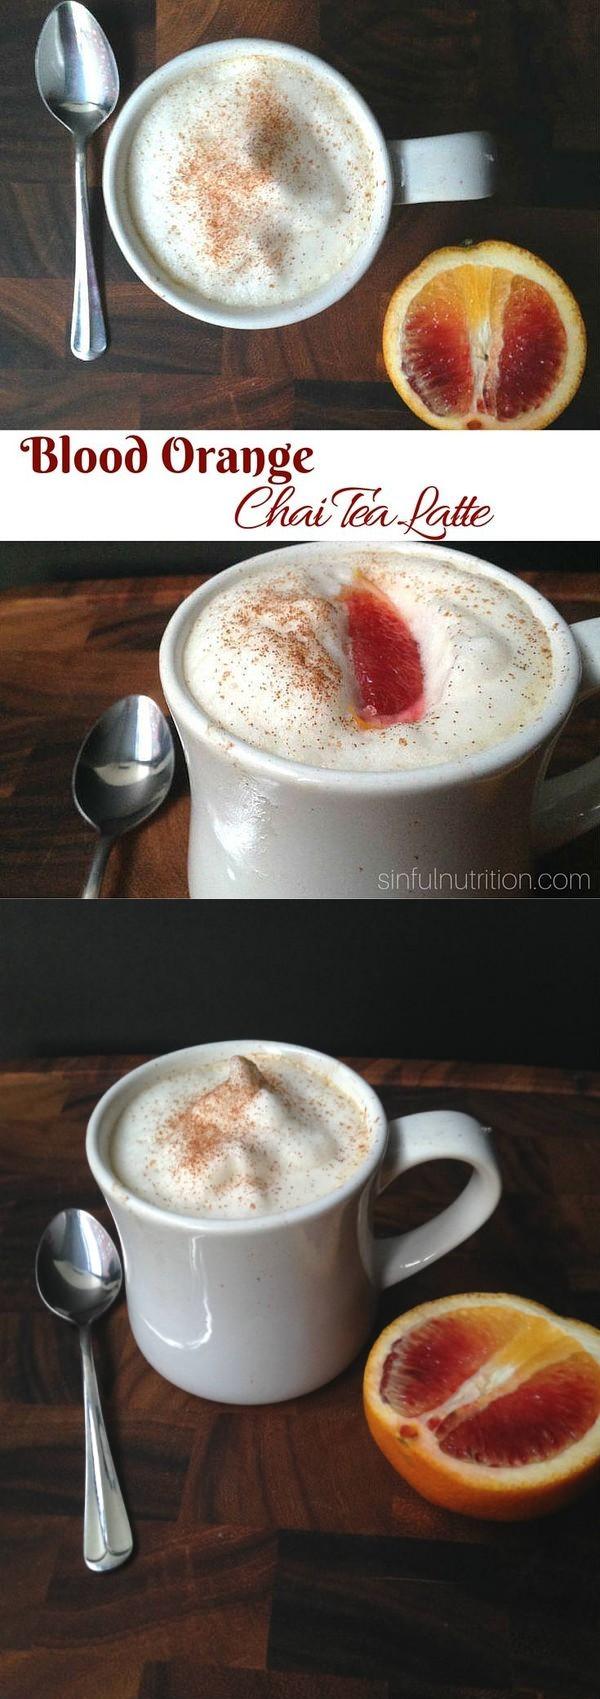 Blood Orange Chai Tea Latte